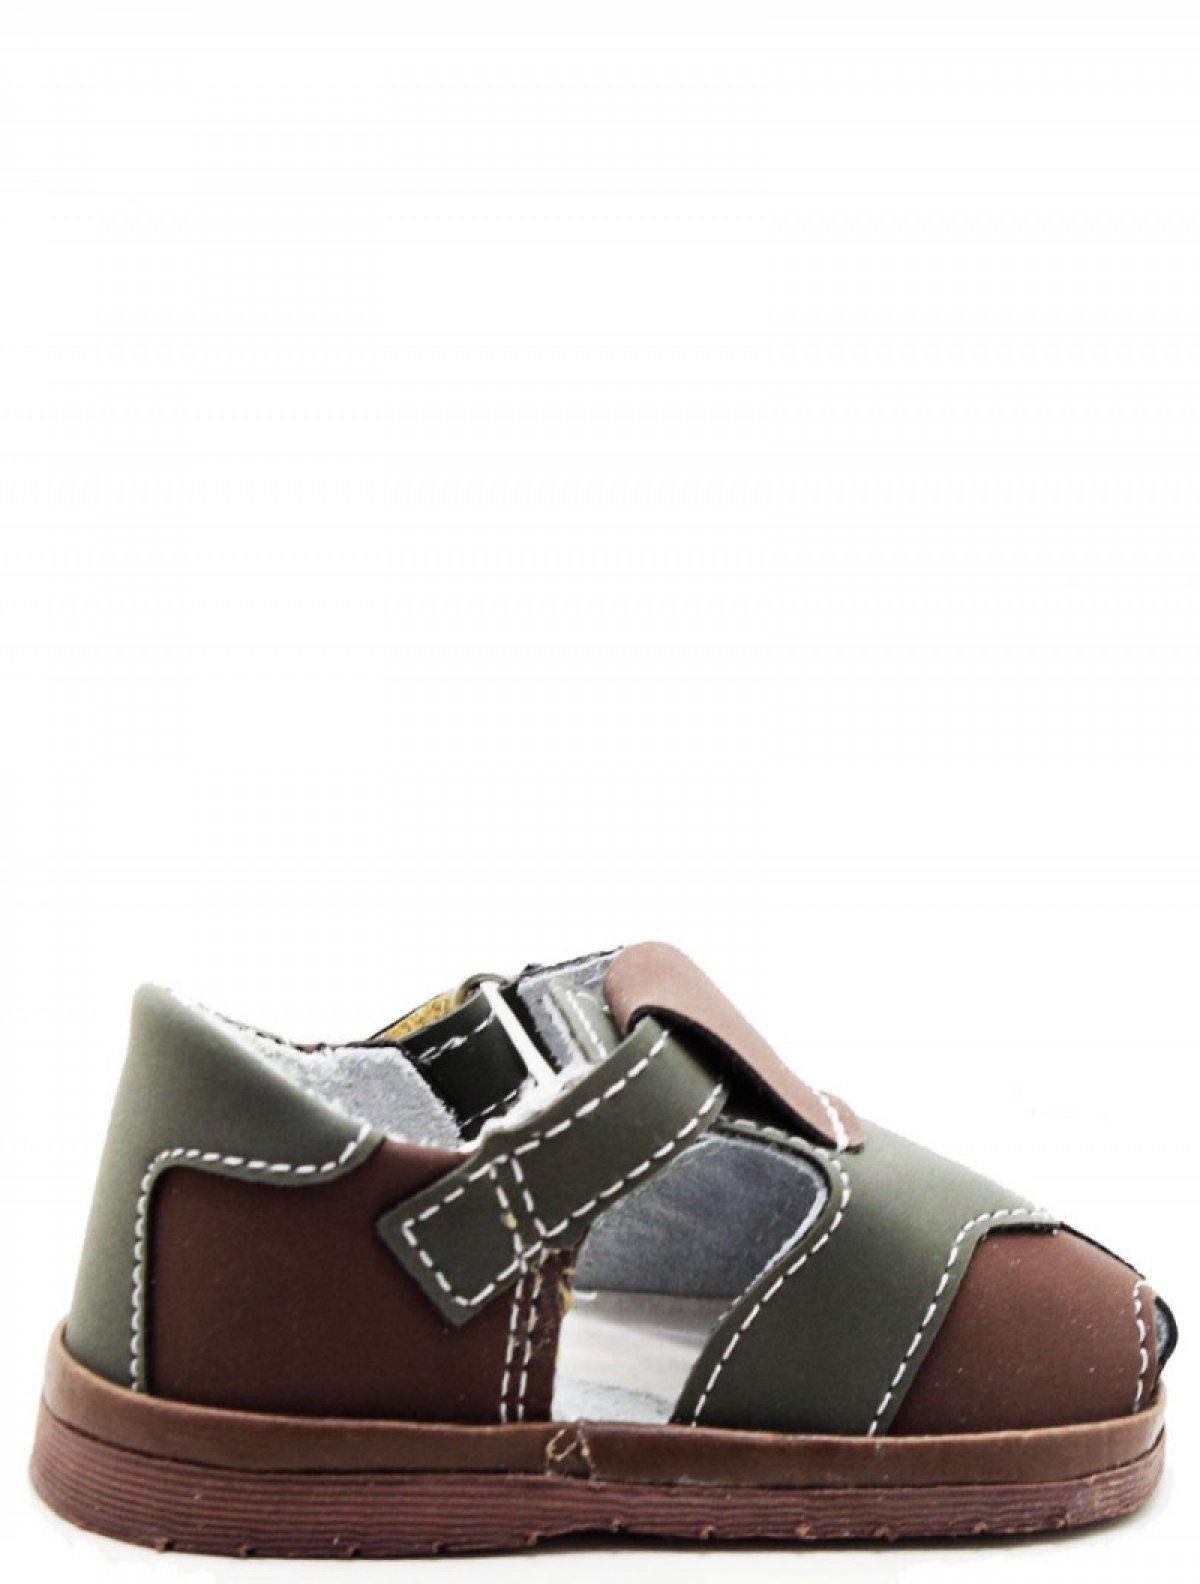 Римал 1575 сандали для мальчика